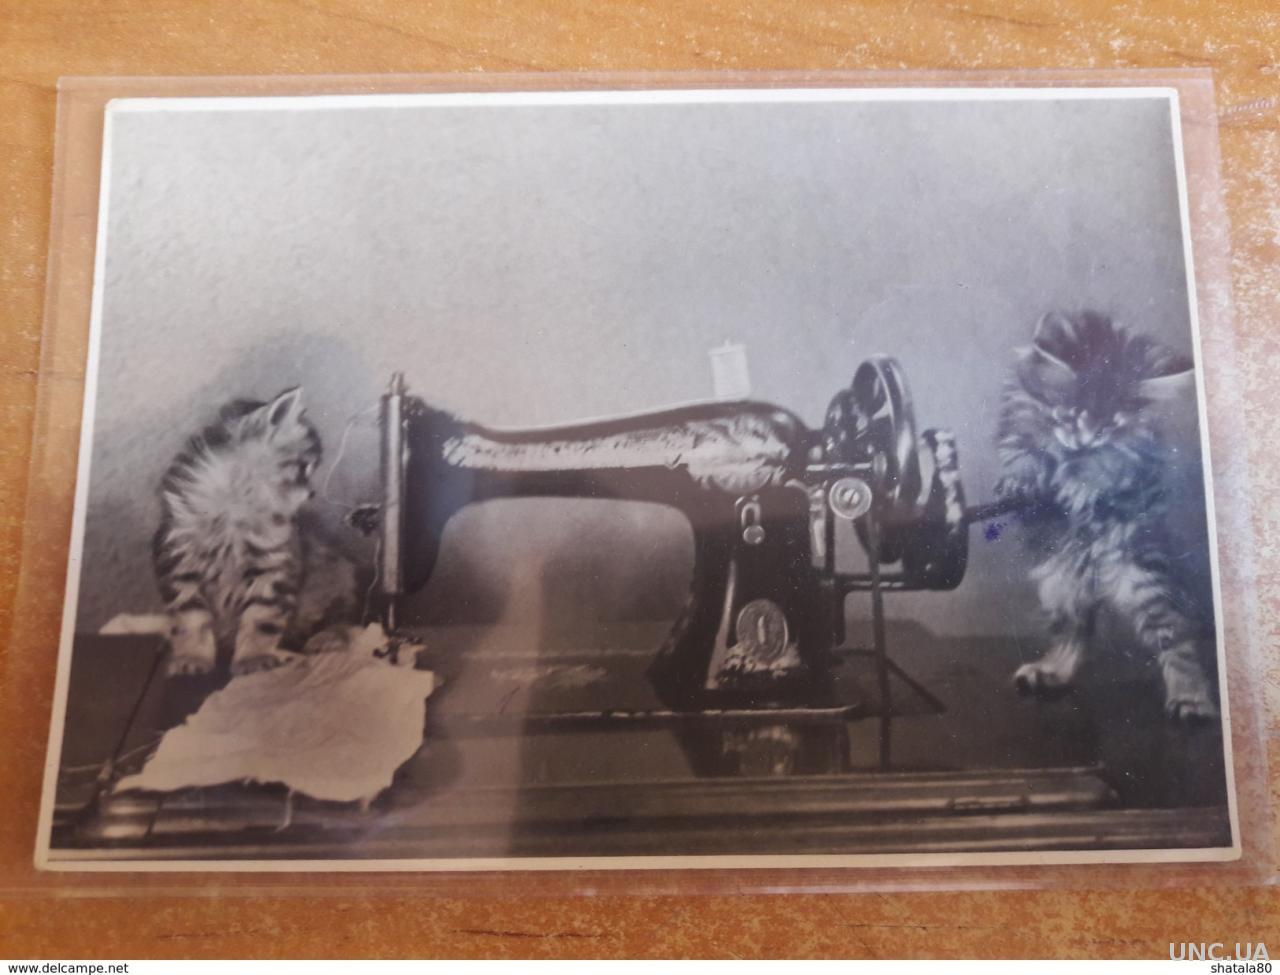 лесбиянки открытка в виде швейной машинки крест фасаде как